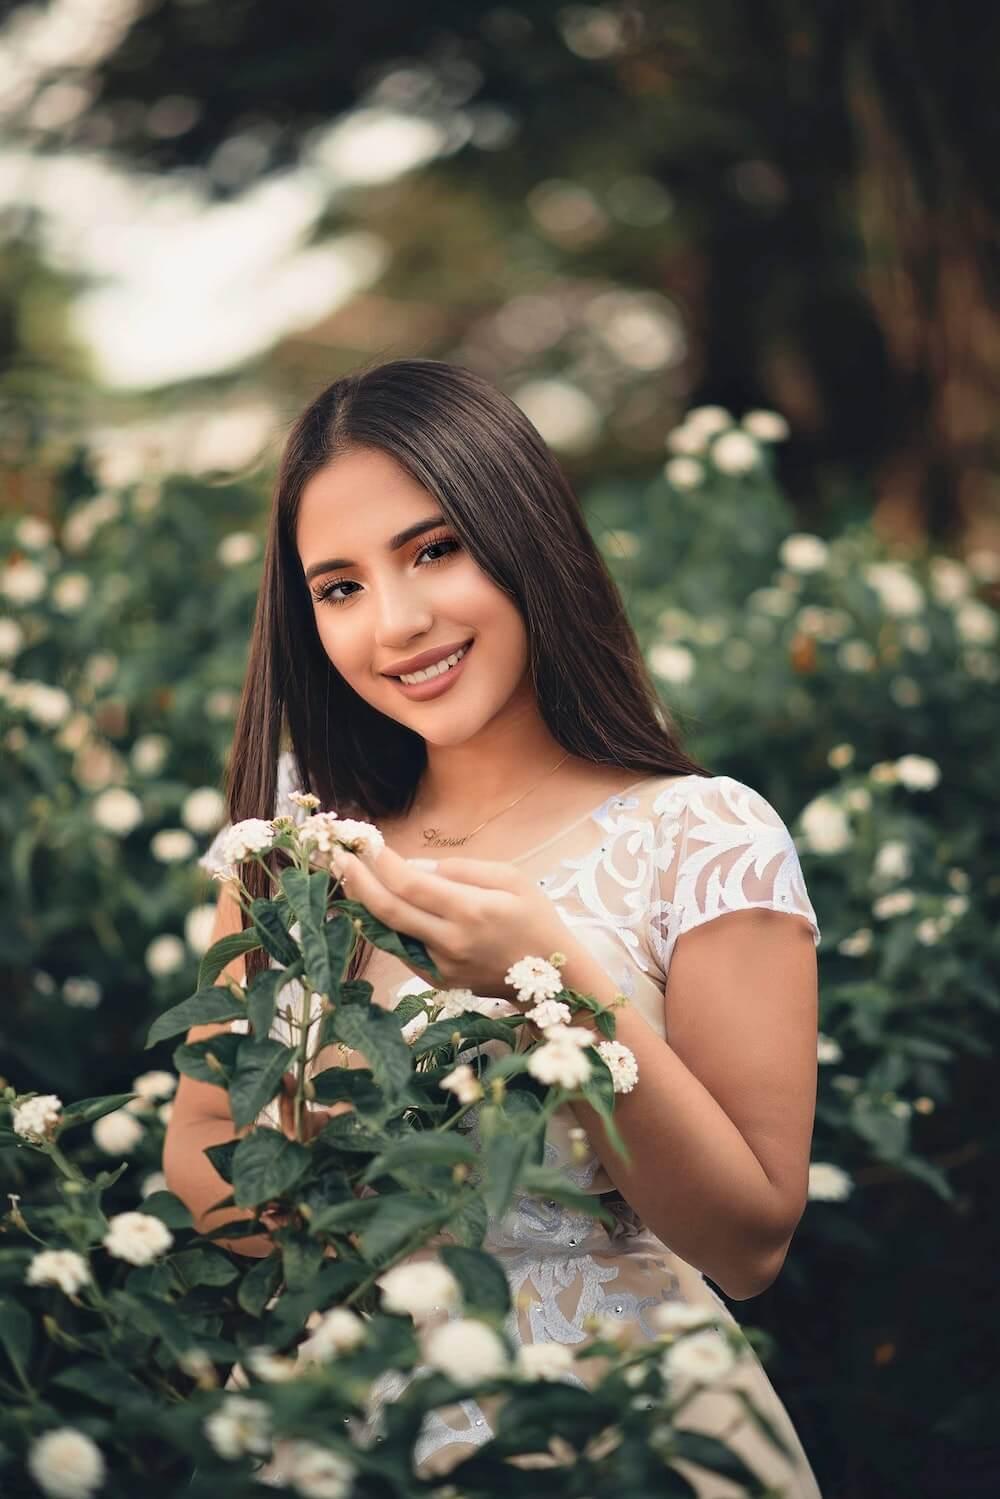 Woman wearing white dress touching flowers